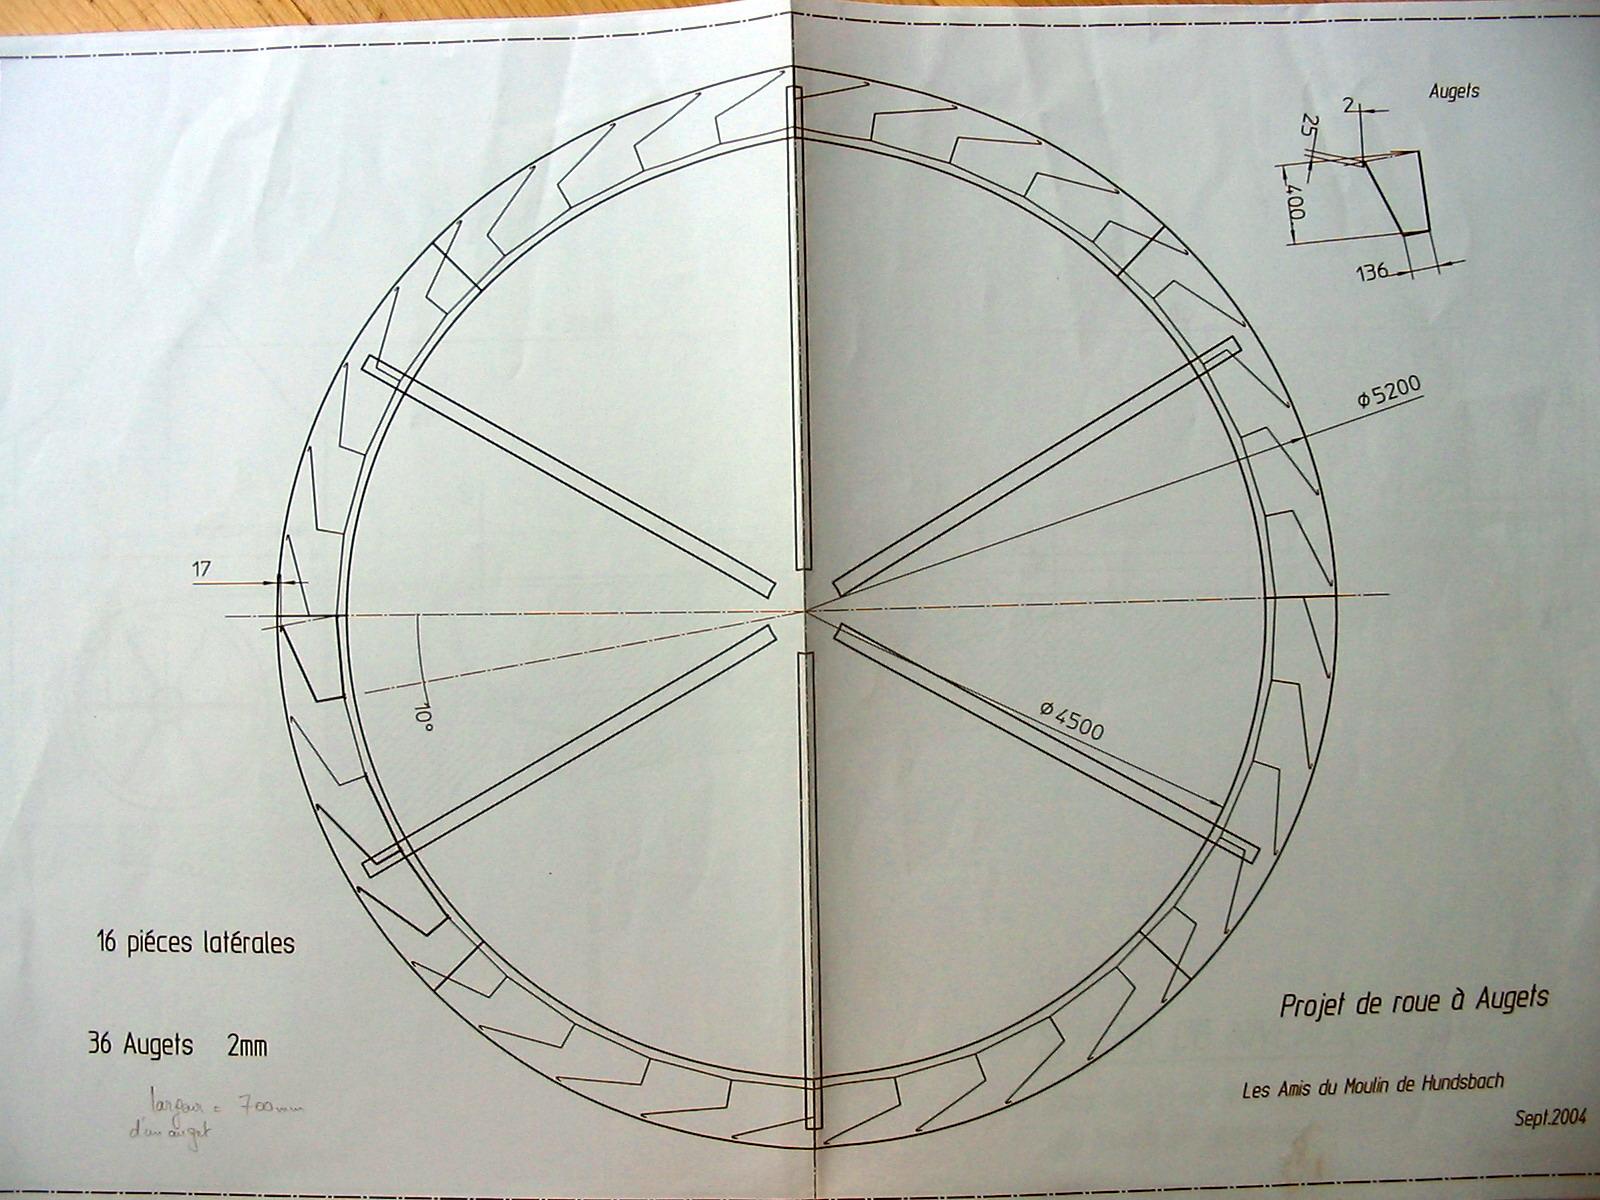 La roue moulin de hundsbach for Plan de moulins